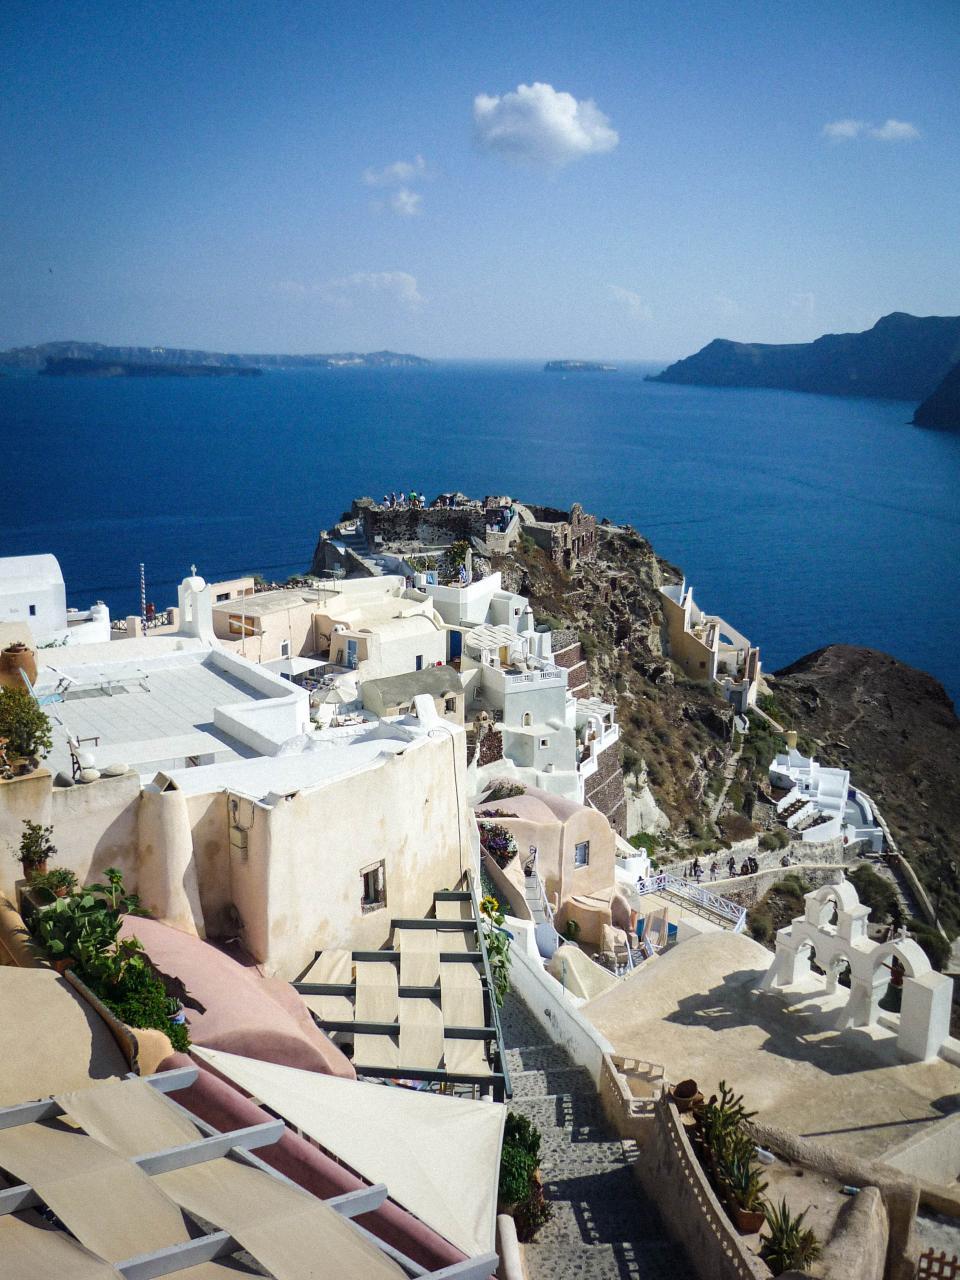 dovolená, dovolená řecko